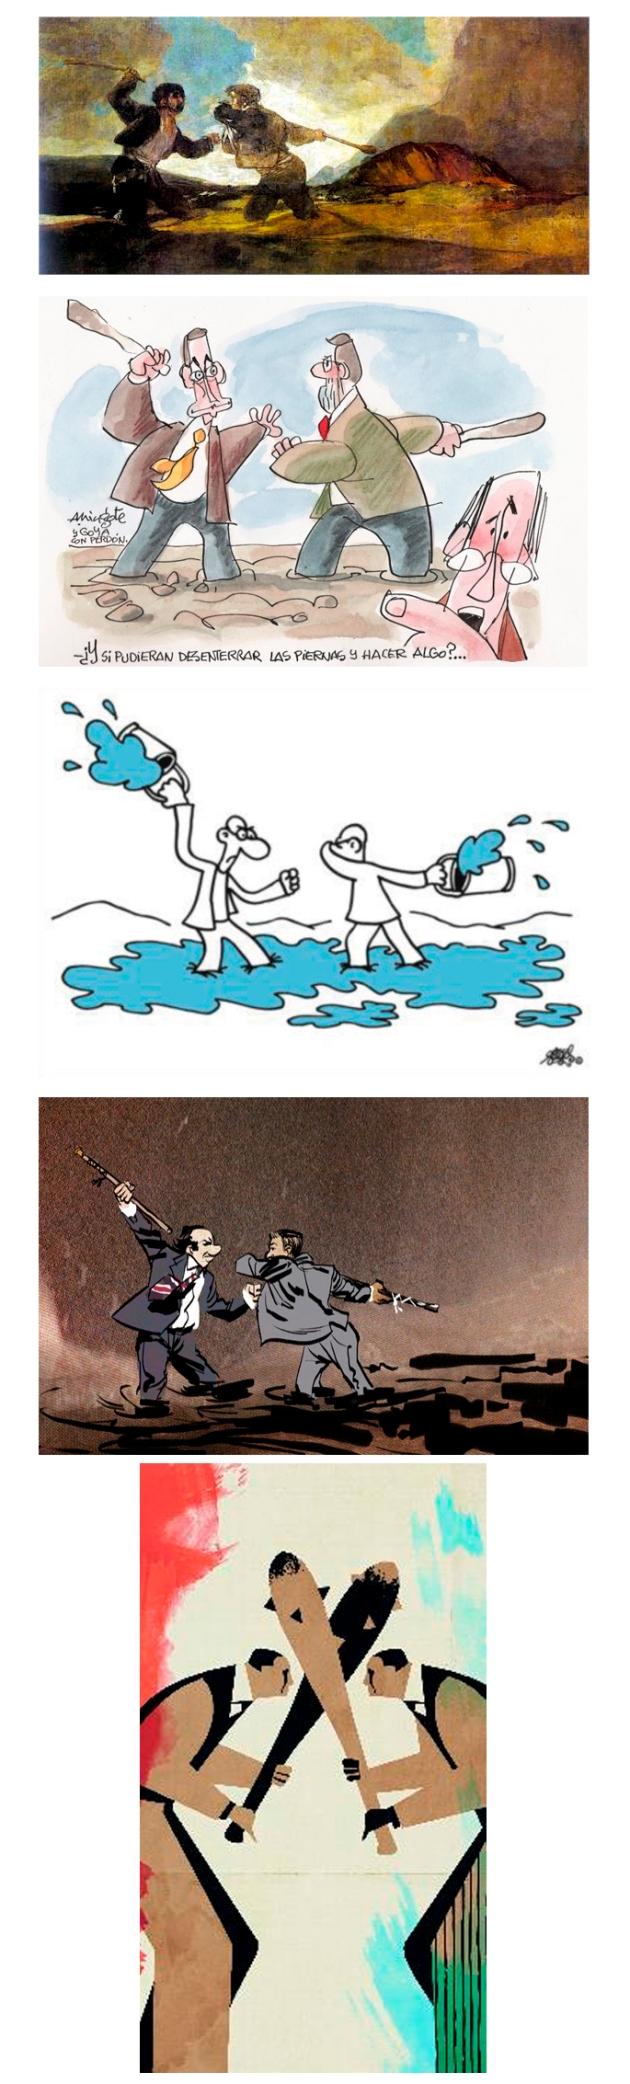 la inutilidad de la confrontacion